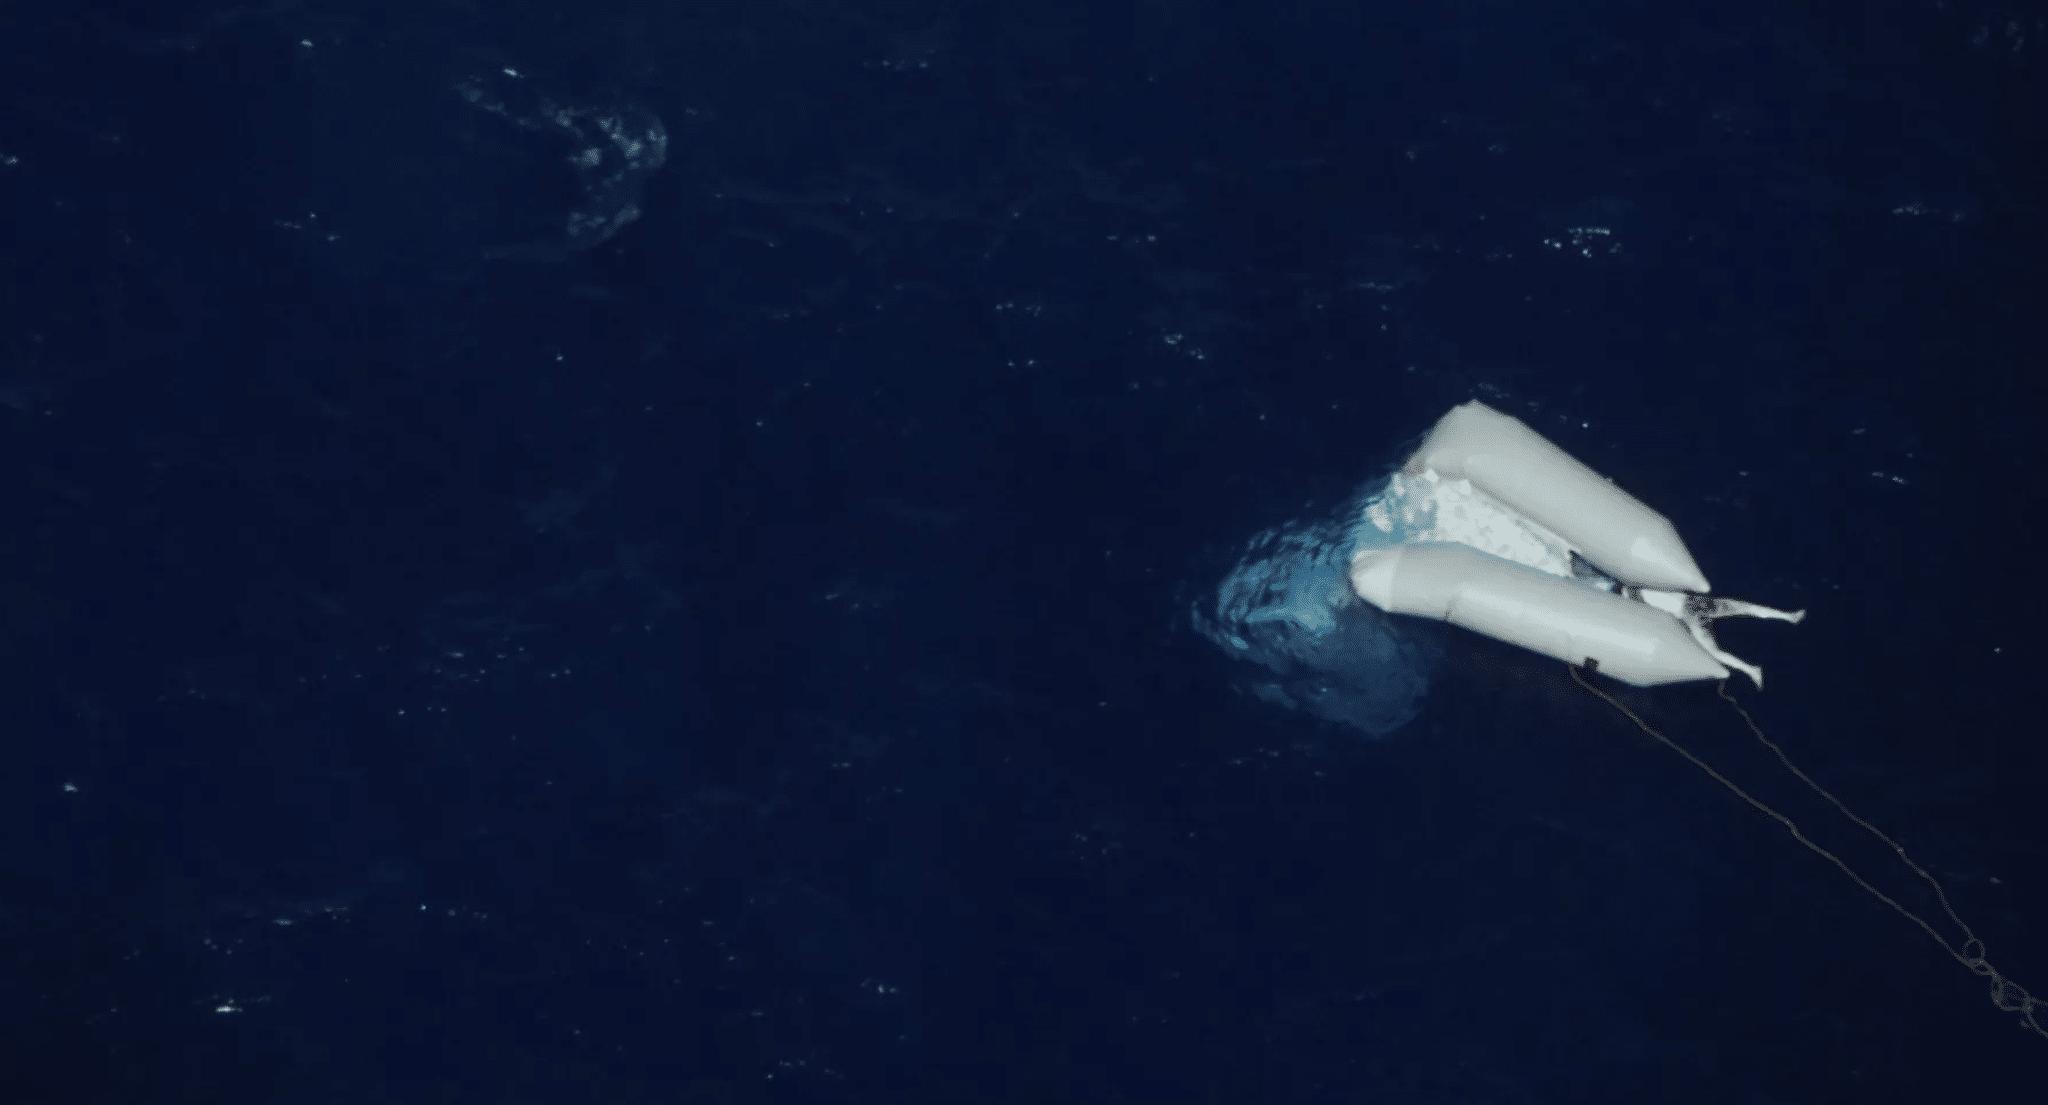 Più sbarchi più morti <br> Con l'arrivo delle Ong nel 2016 record di vittime: 7523 <br> E i resti umani finiscono nelle reti dei pescatori <br> Ecco dati e racconti